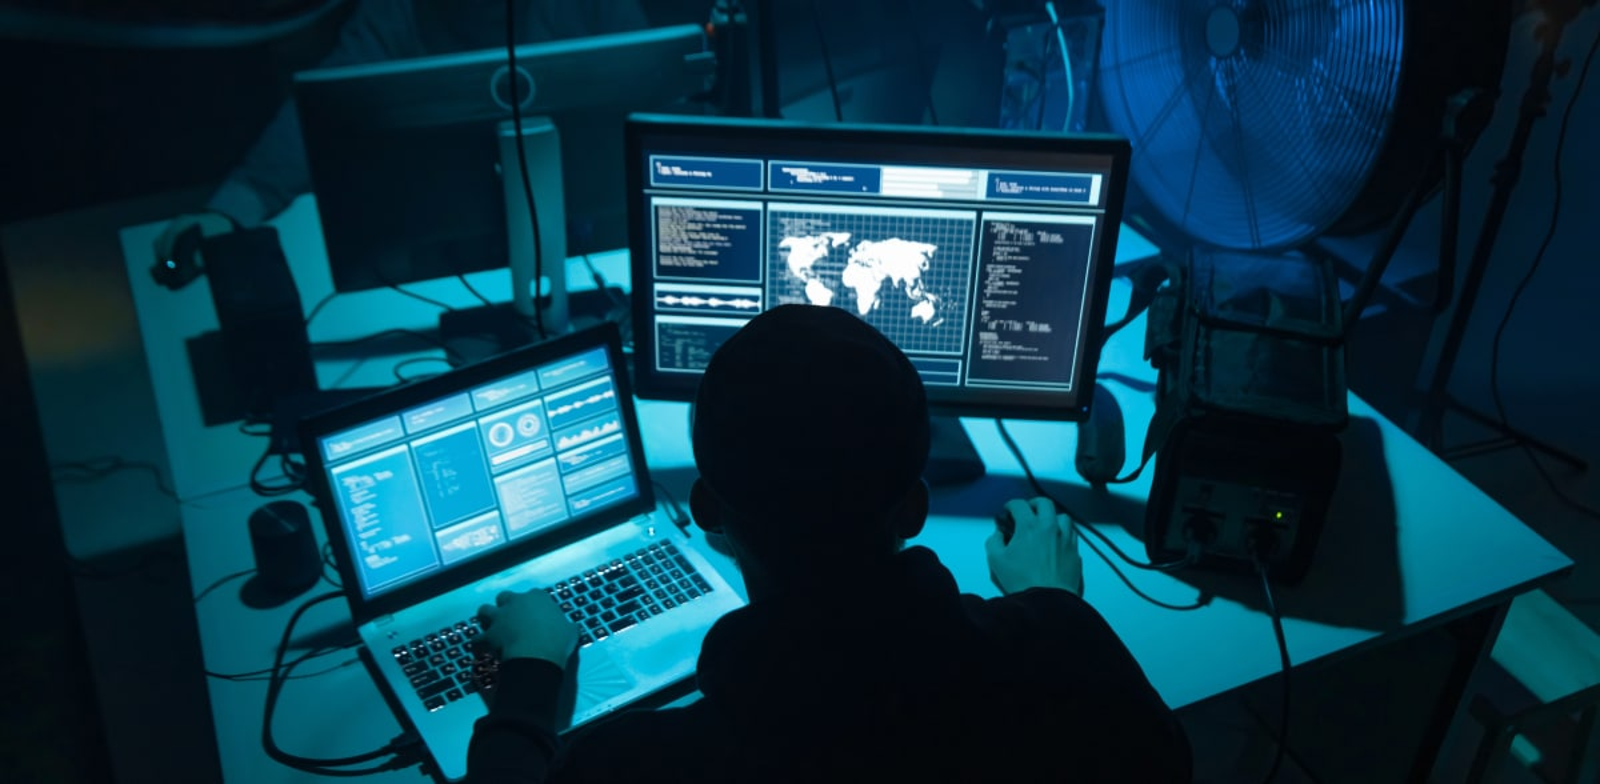 הרעש התקשורתי לא תמיד מלווה במשבר עסקי אמיתי / צילום: Shutterstock